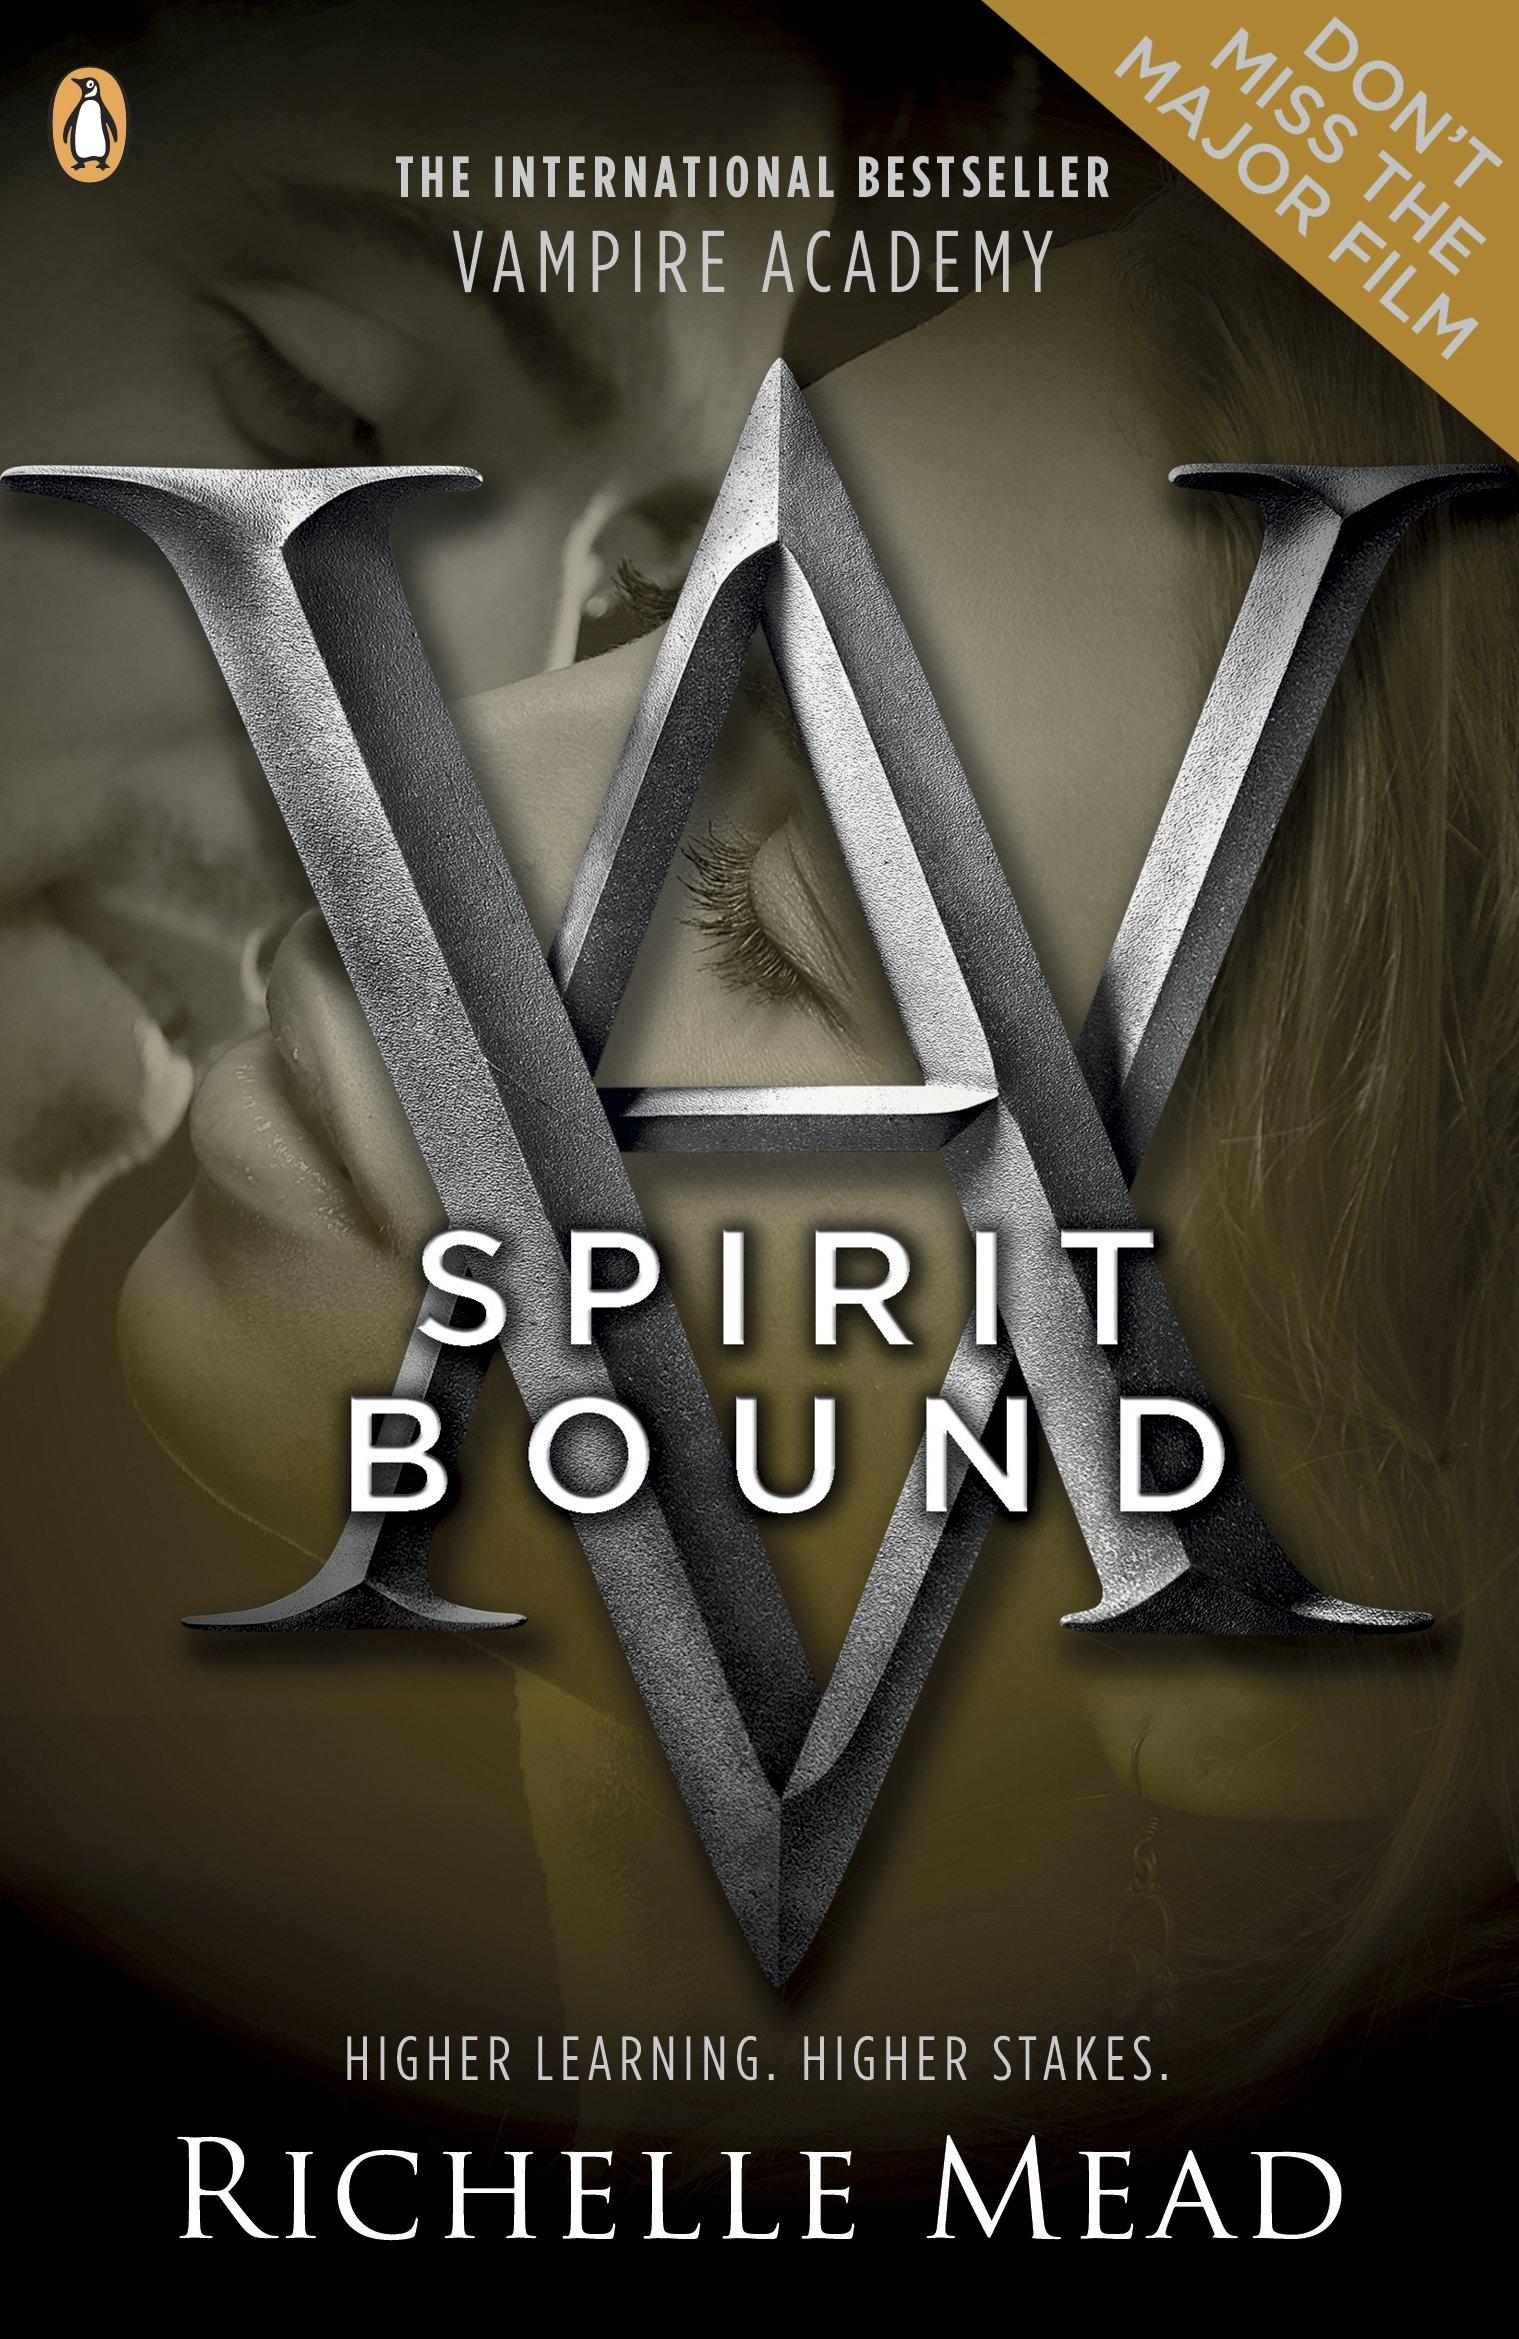 Download Vampire Academy: Spirit Bound (book 5) ebook